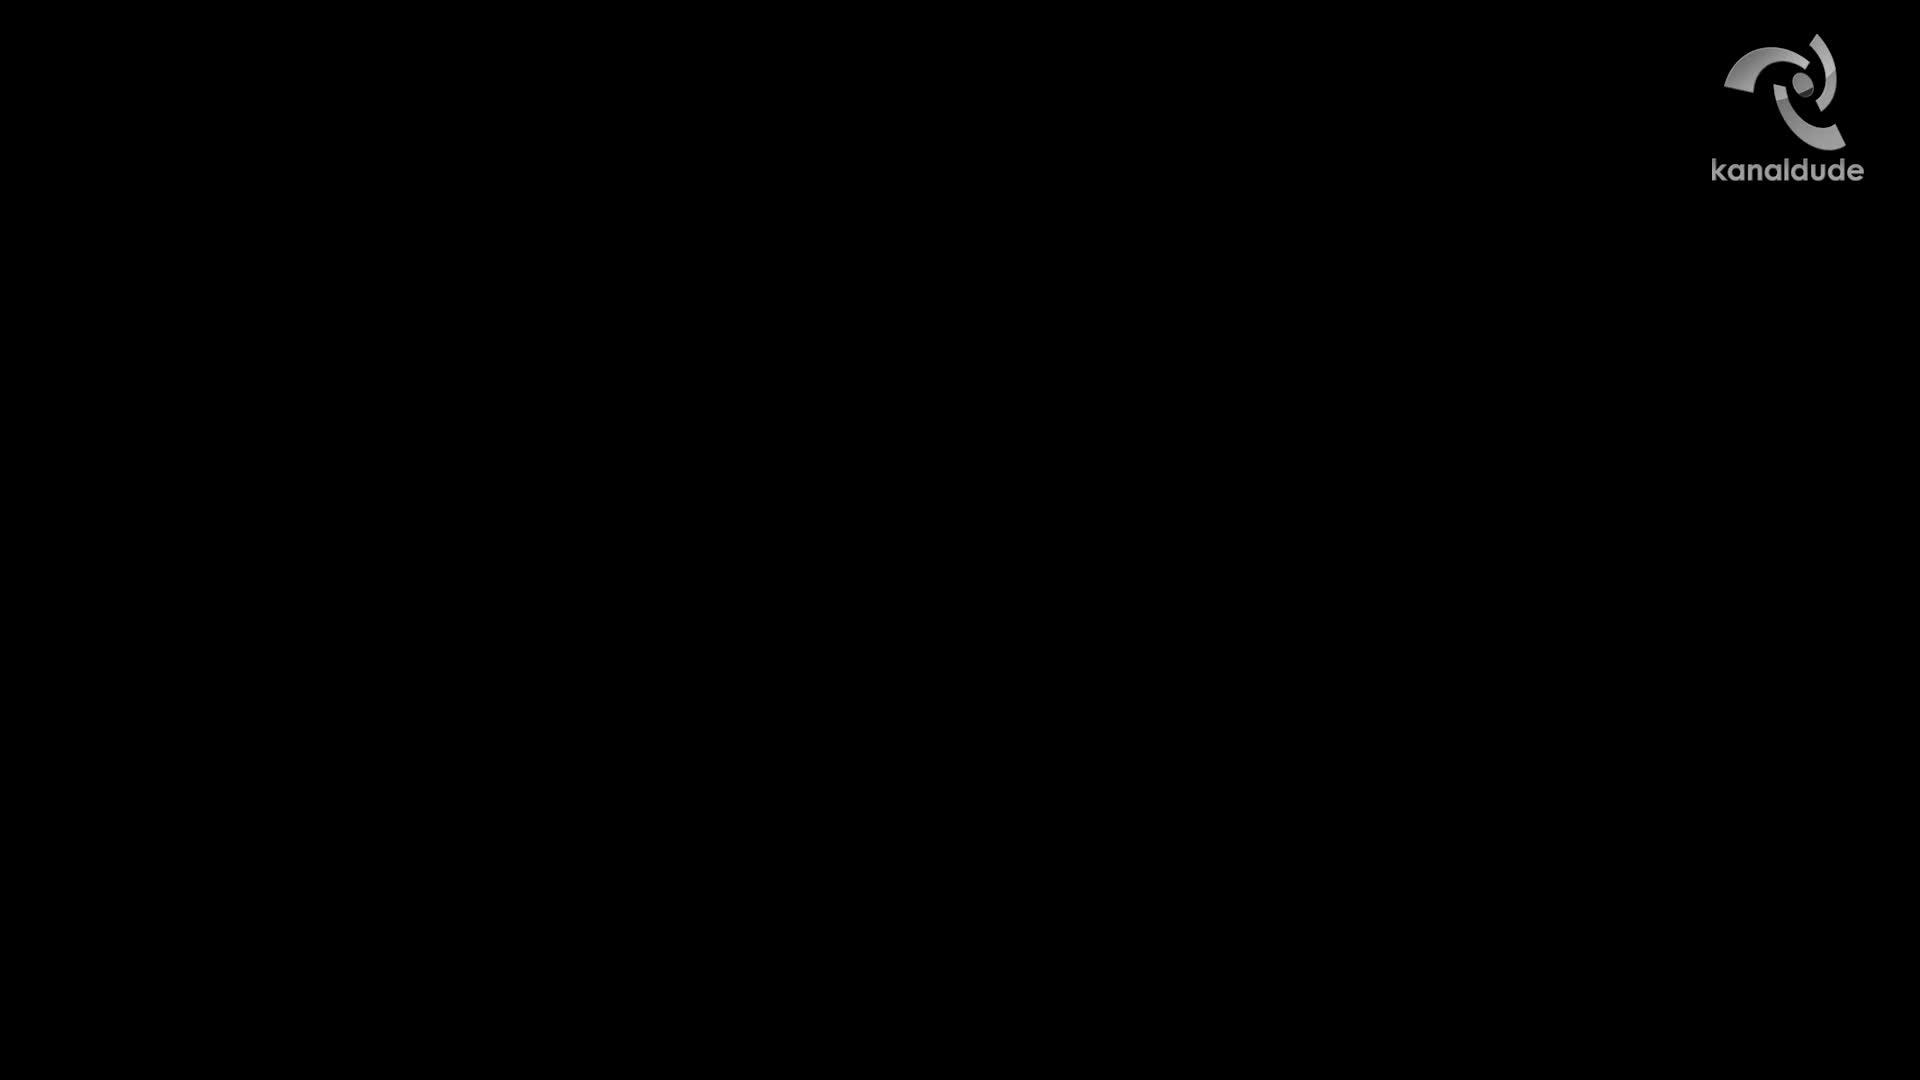 Etxauzia kanpaina berriaren aurkezpena